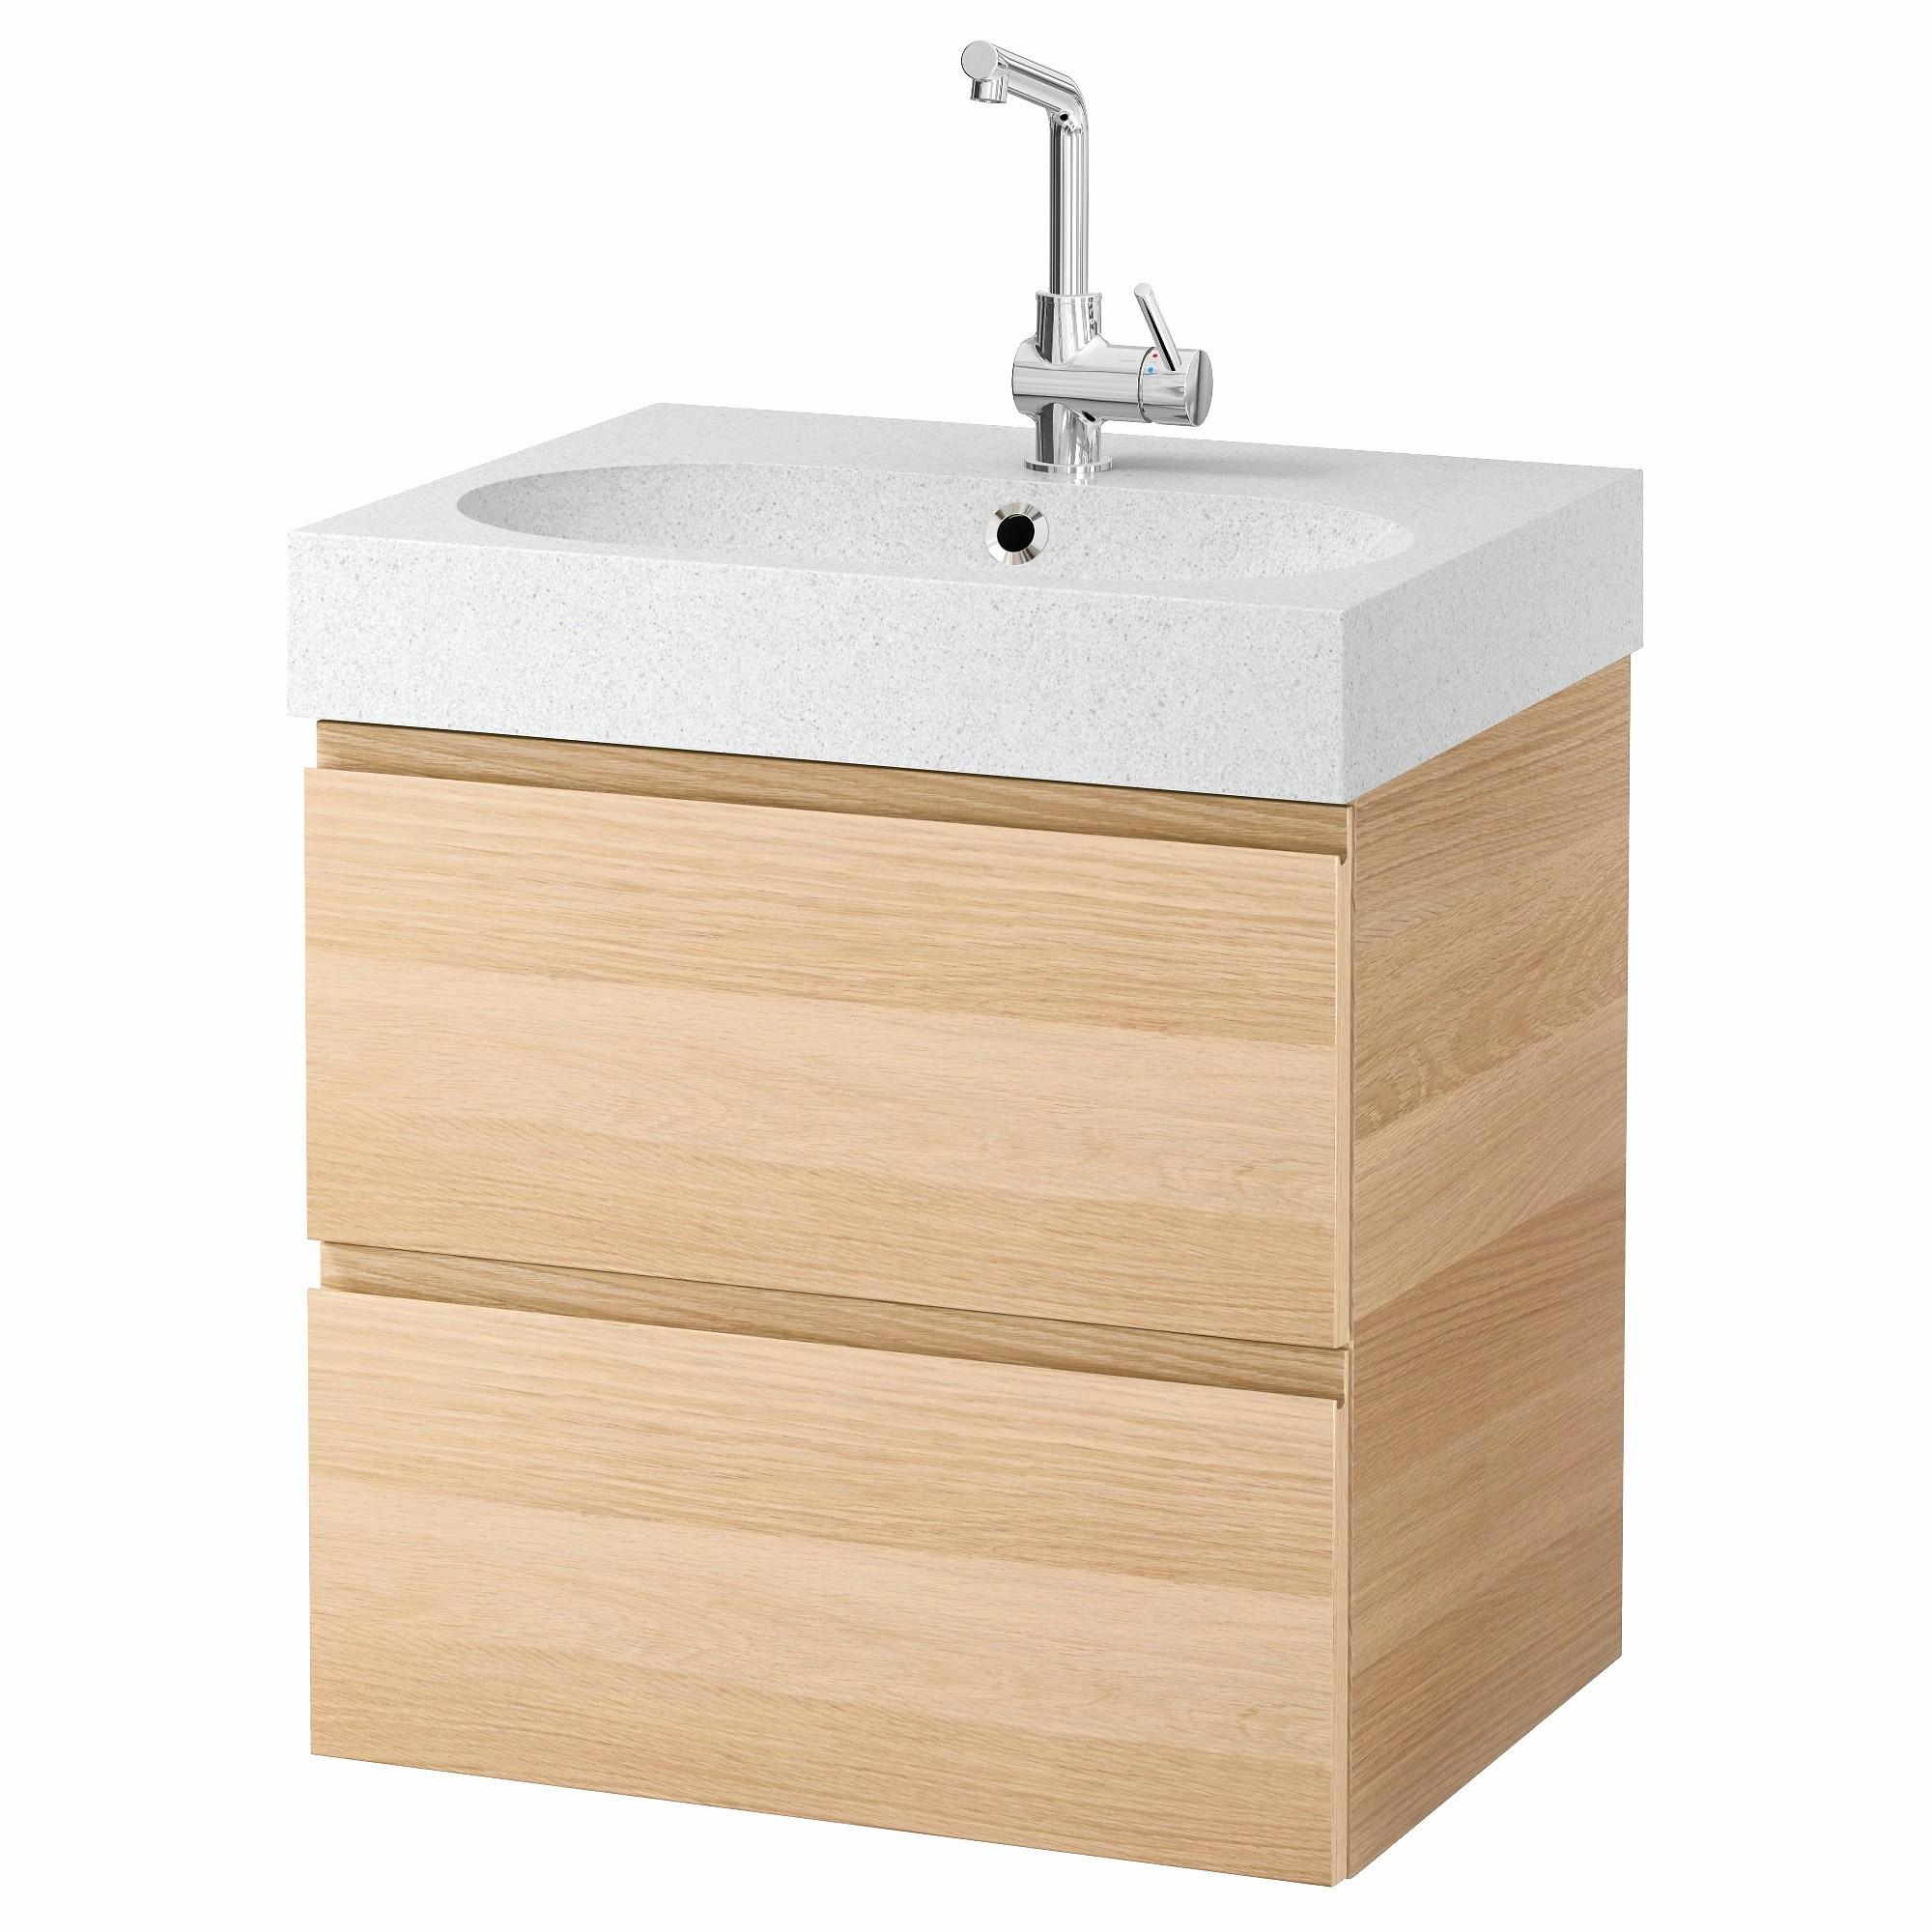 Logiciel Salle De Bain Ikea Inspirant Photographie Meuble Salle De Bain Teck Ikea Best Meuble Lavabo Salle De Bain